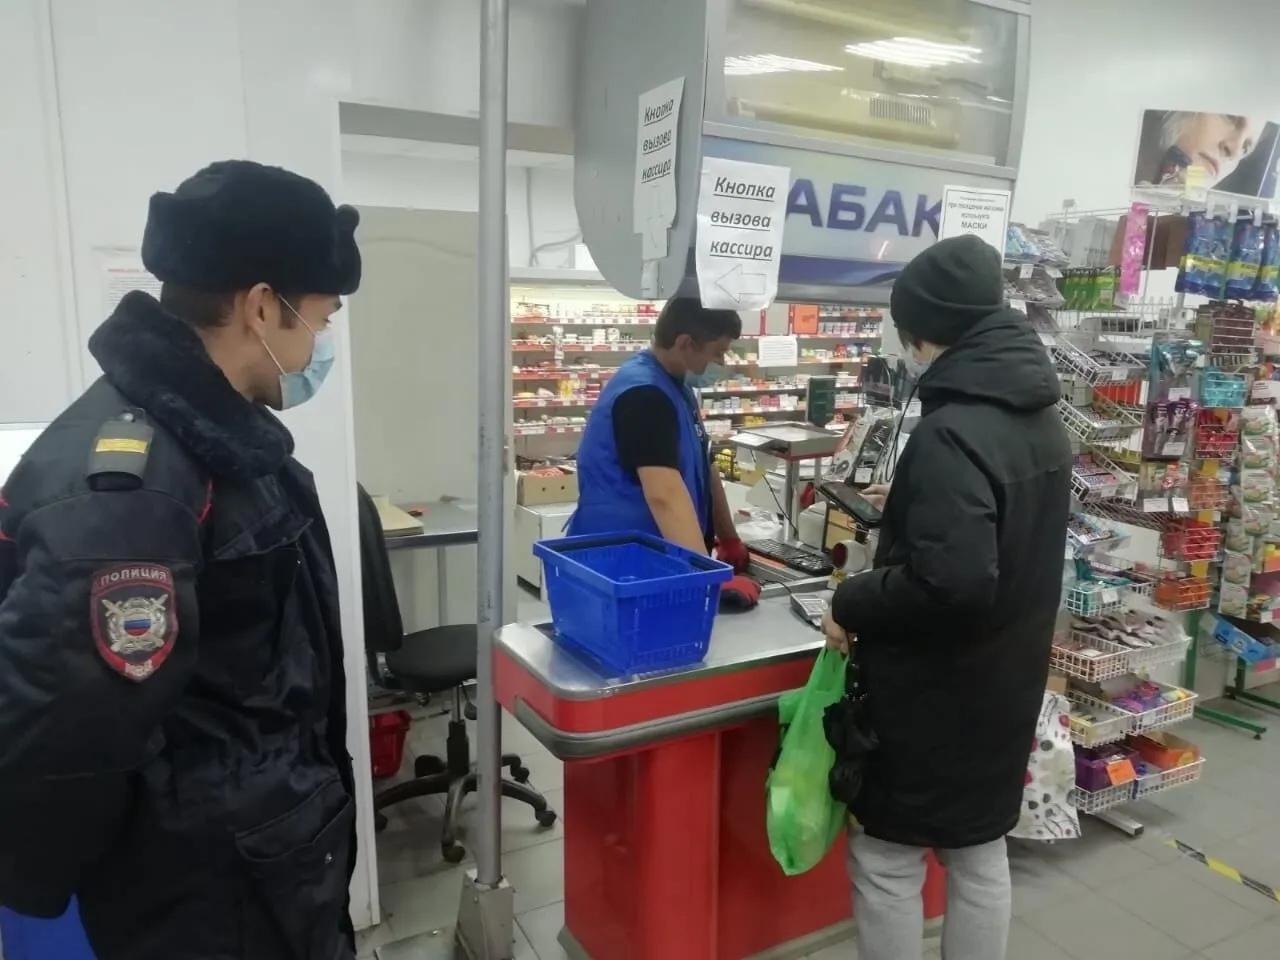 В Петровске в ходе очередного межведомственного рейда выявили нарушение противоэпидемических требований